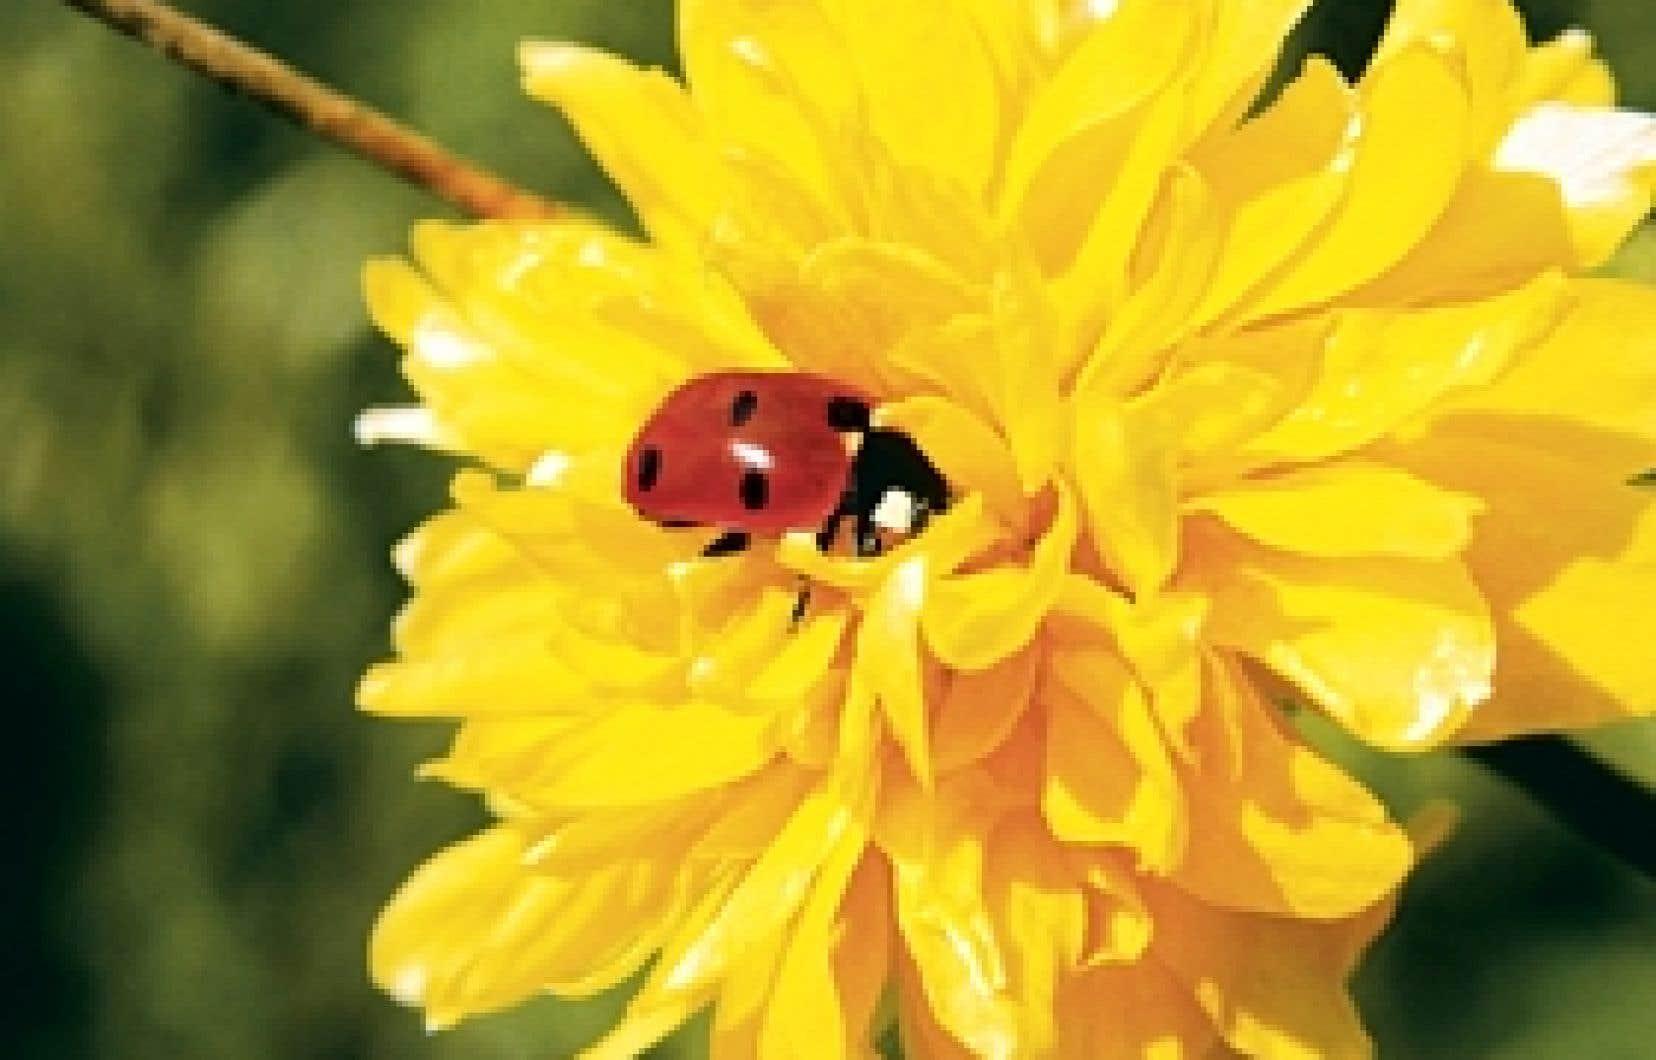 Vingt conseils pour jardiner proprement le devoir for Conseil pour jardiner